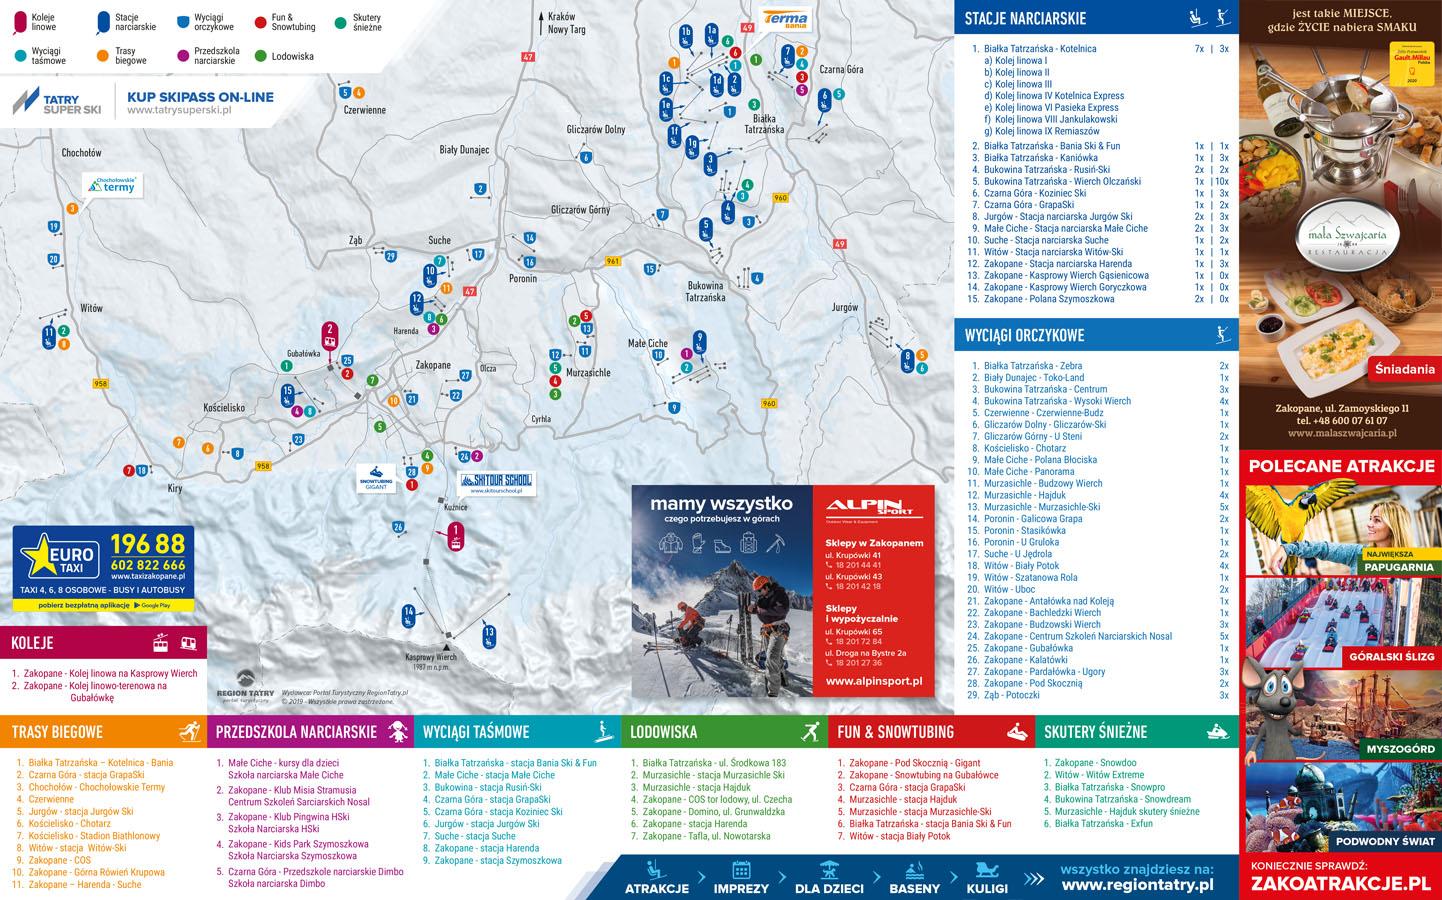 Mapy Region Tatry Zakopane Szlaki Turystyczne Atrakcje Zimowe